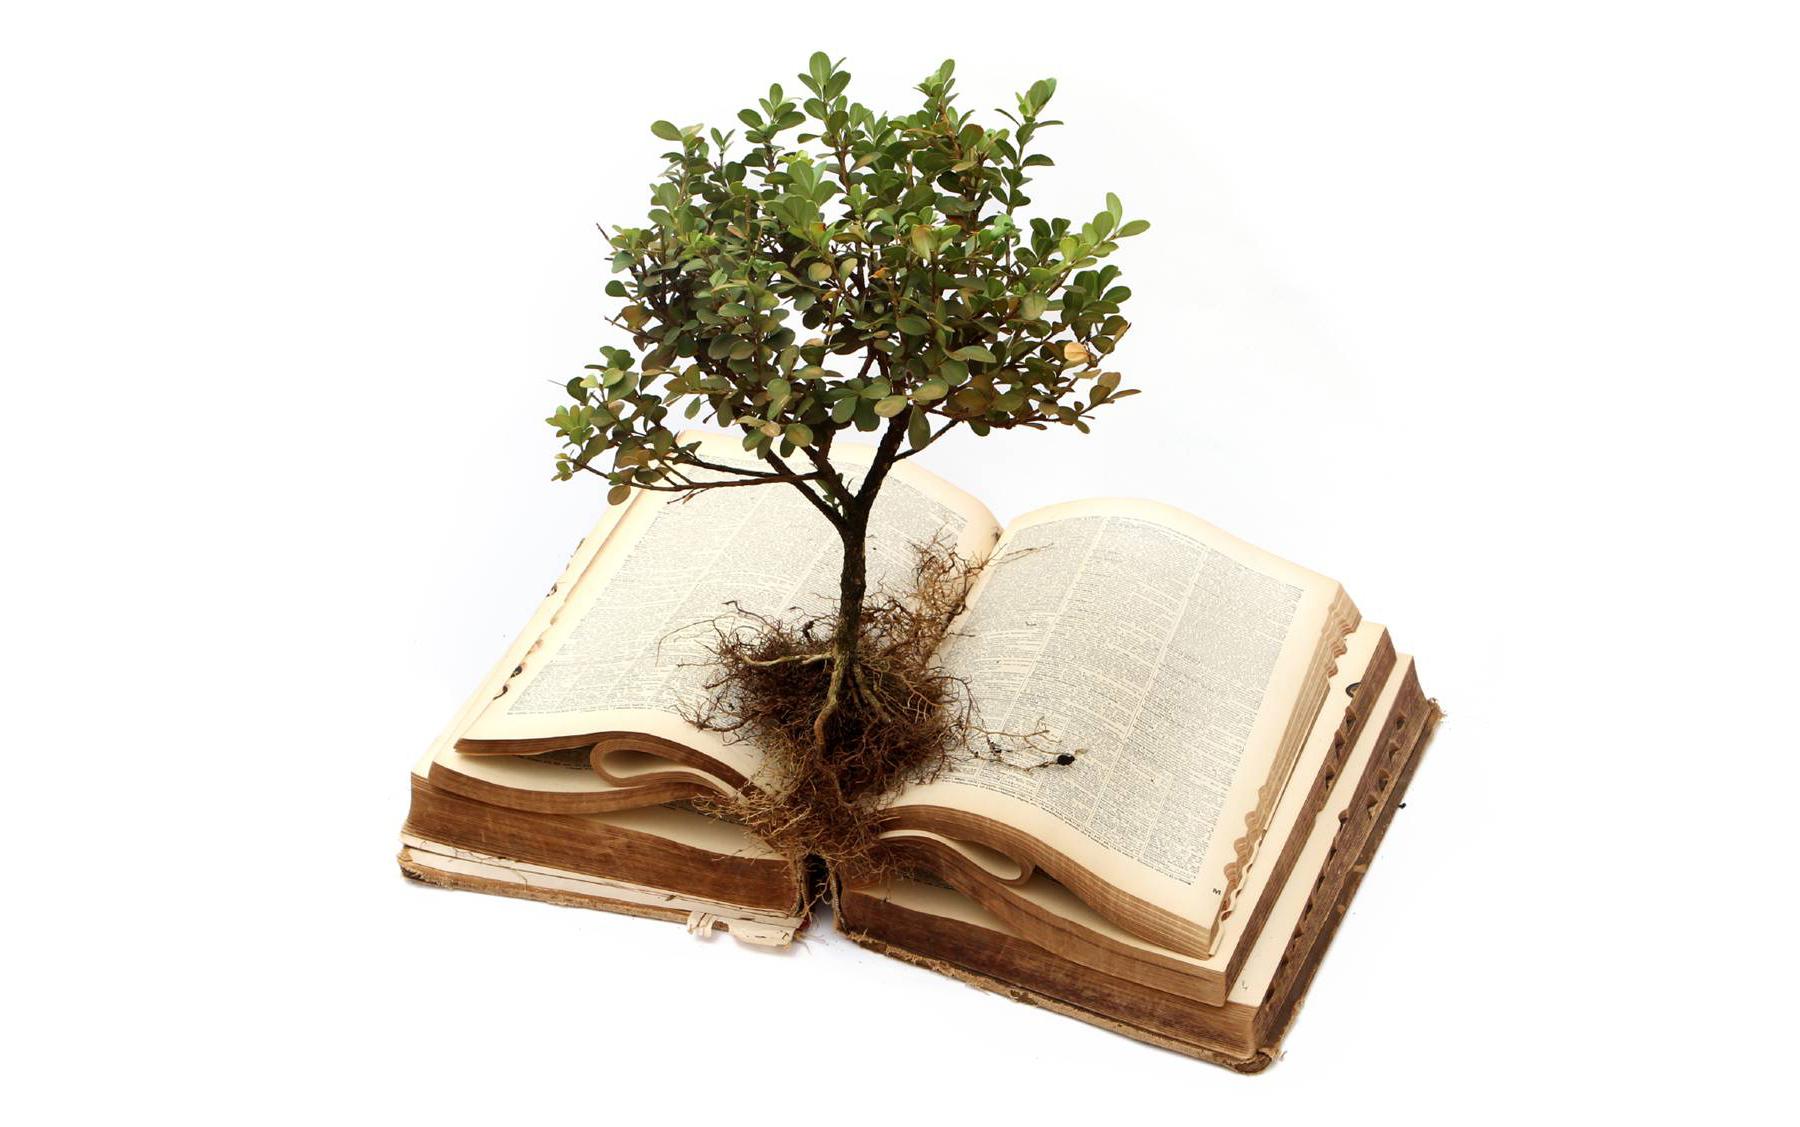 BibleStudyImage